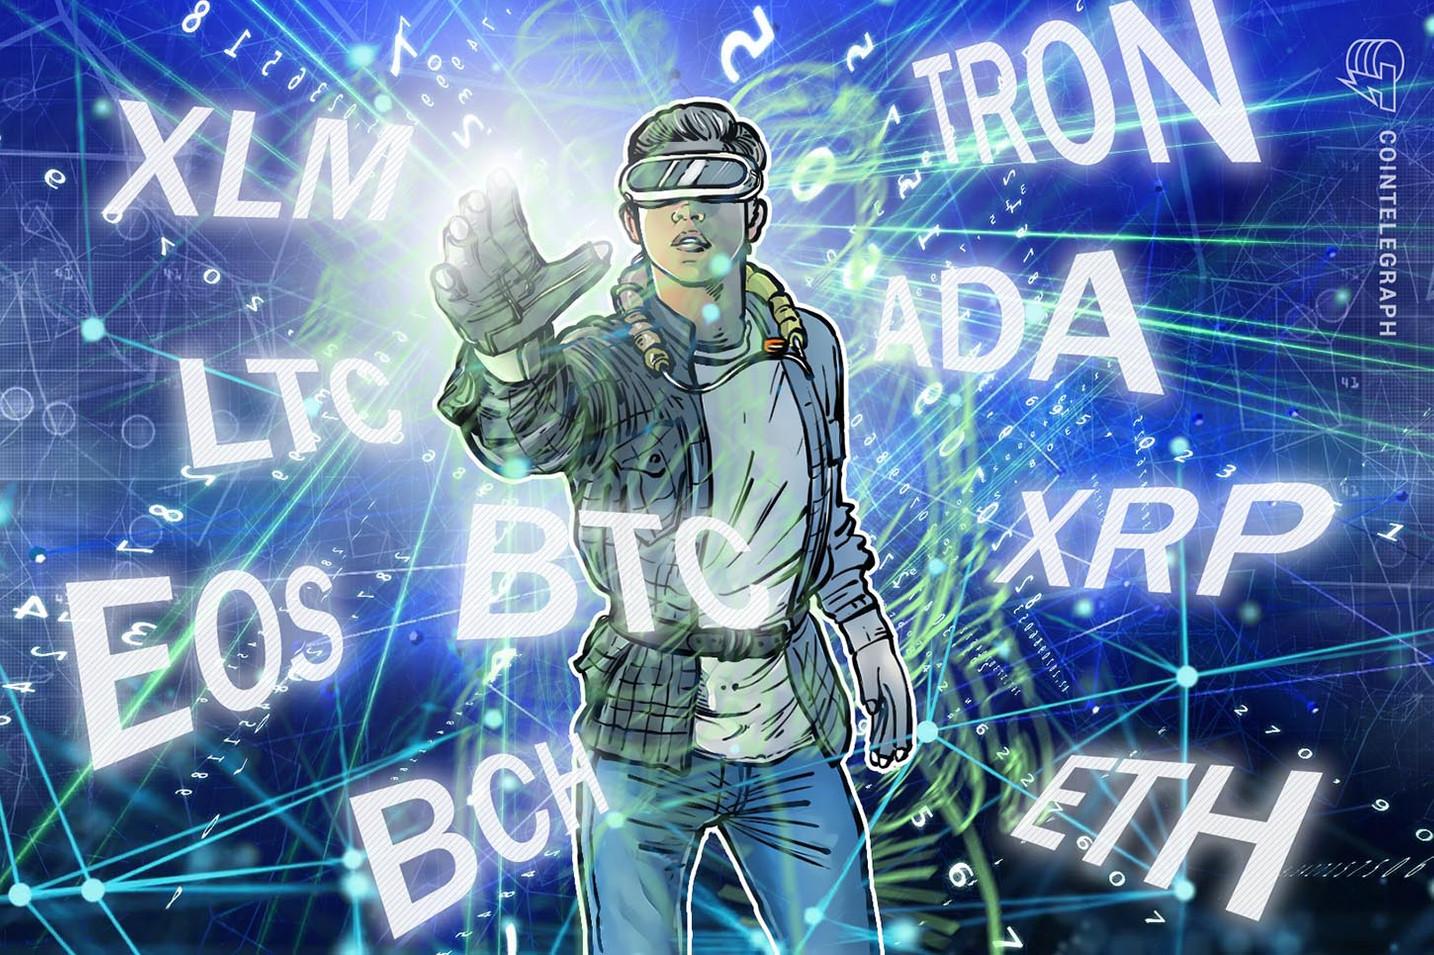 Kursanalyse, 23. Mai: Bitcoin, Ethereum, Bitcoin Cash, Ripple, Stellar, Litecoin, Cardano, TRON, EOS